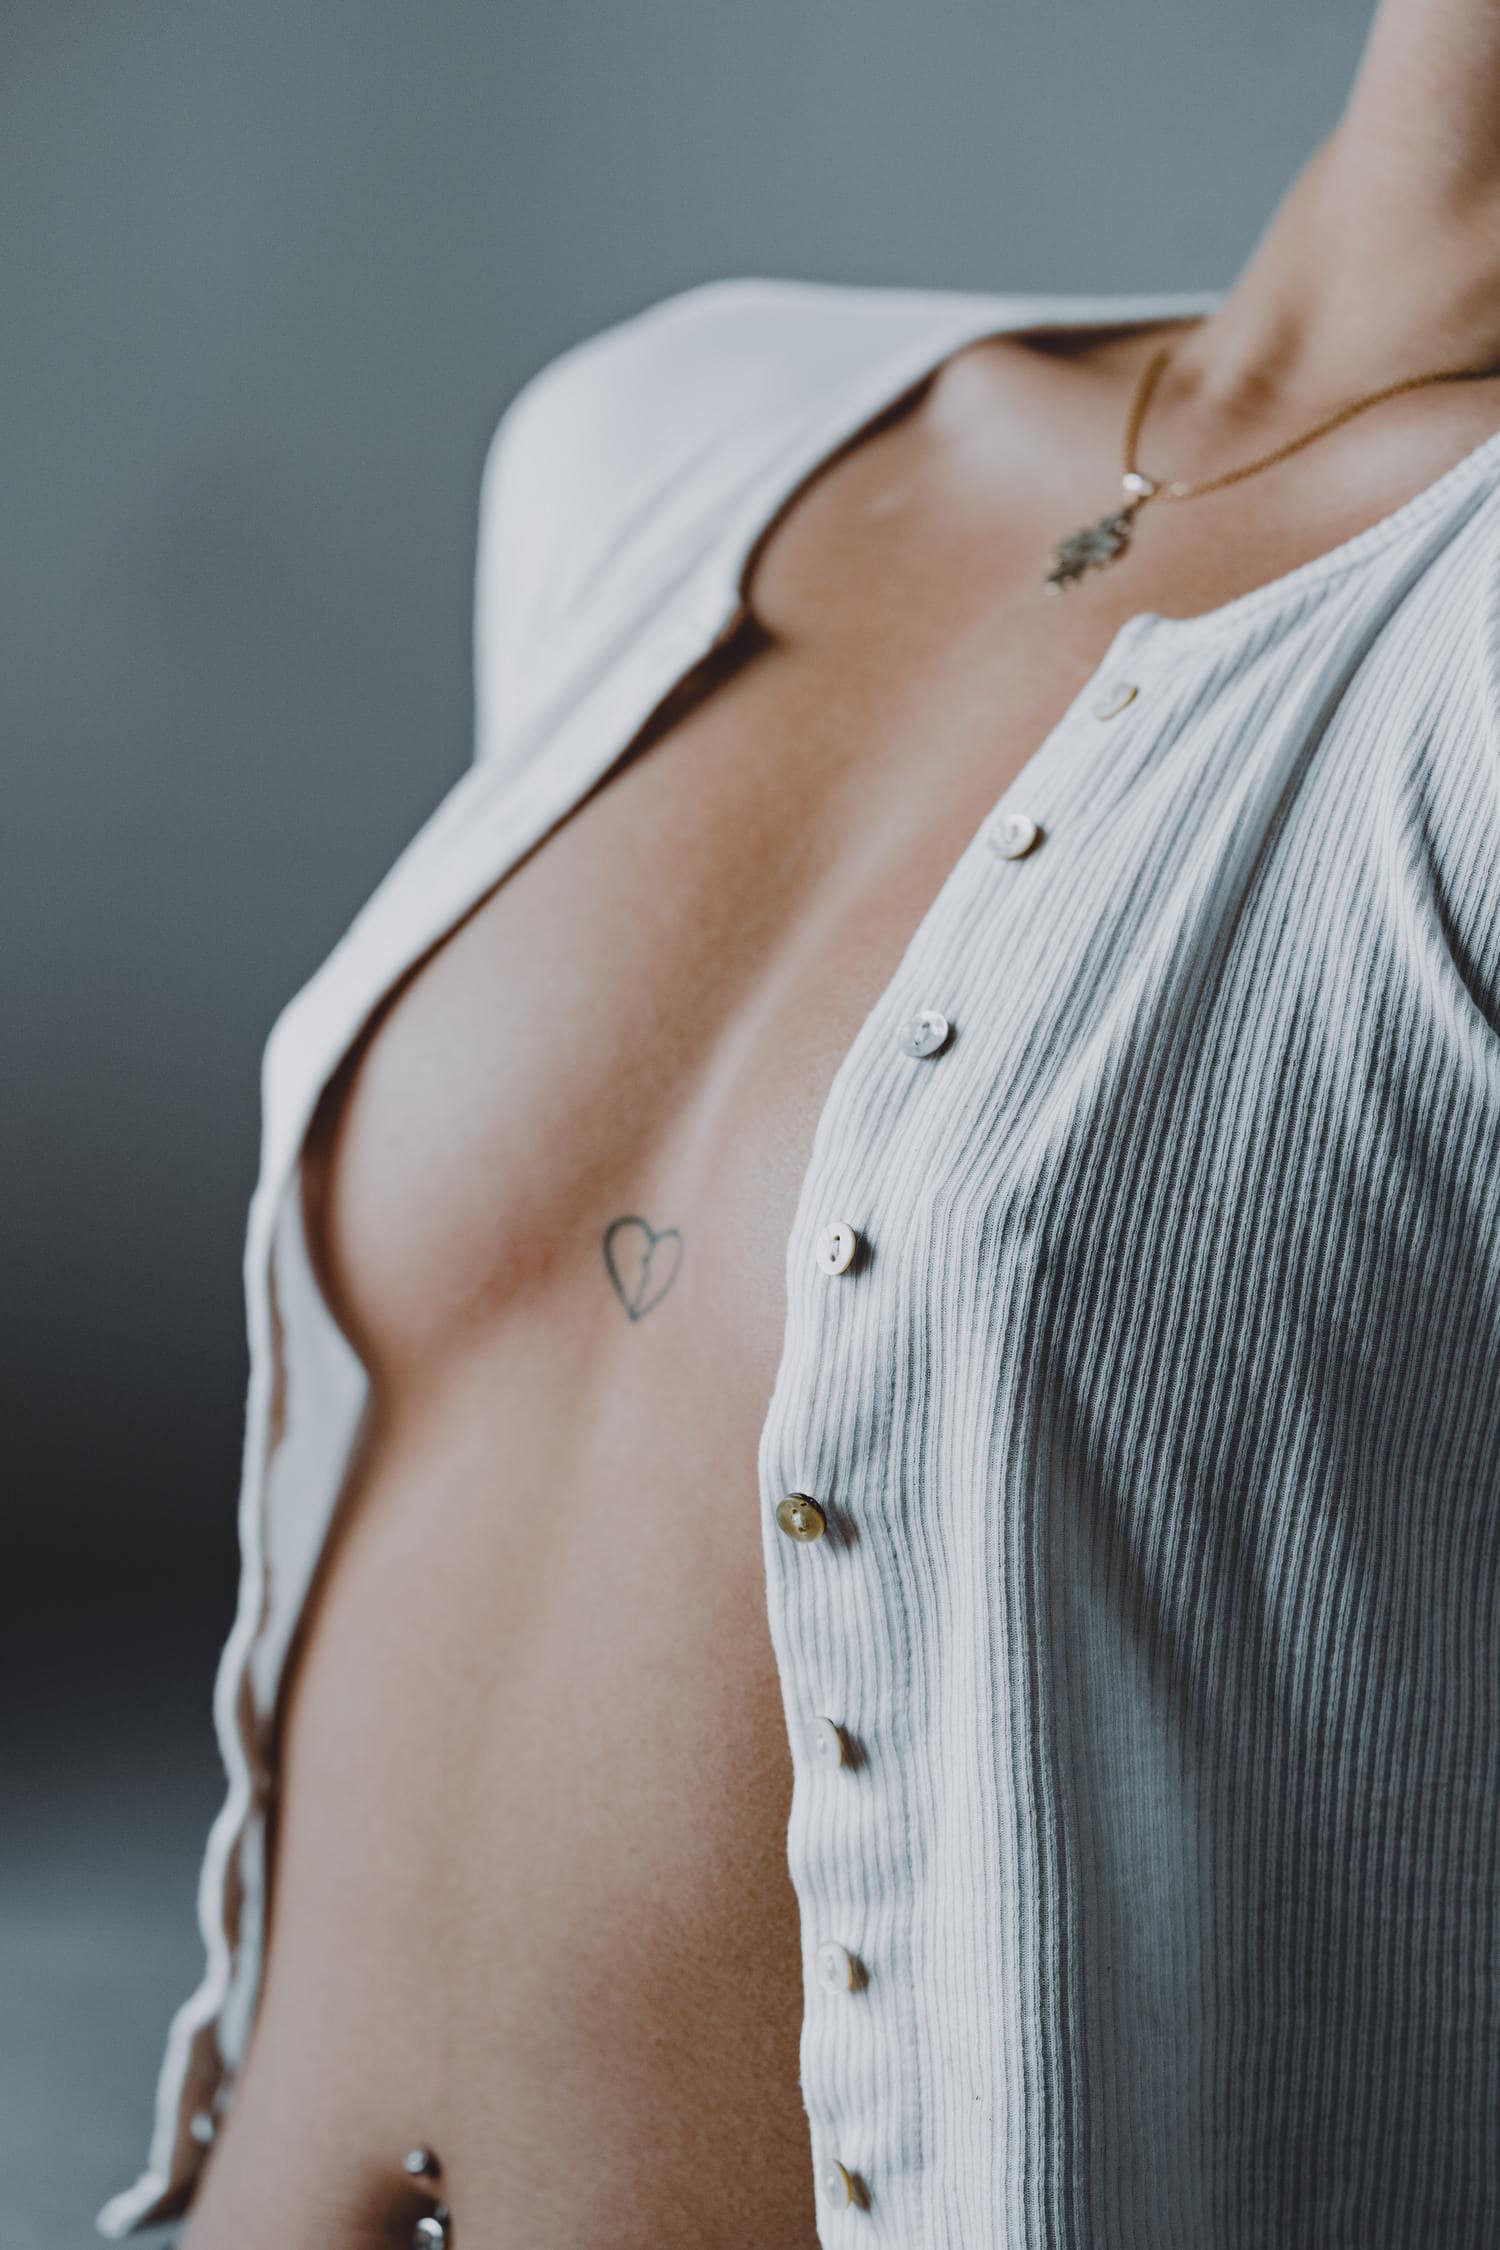 fotografia boudoir torso